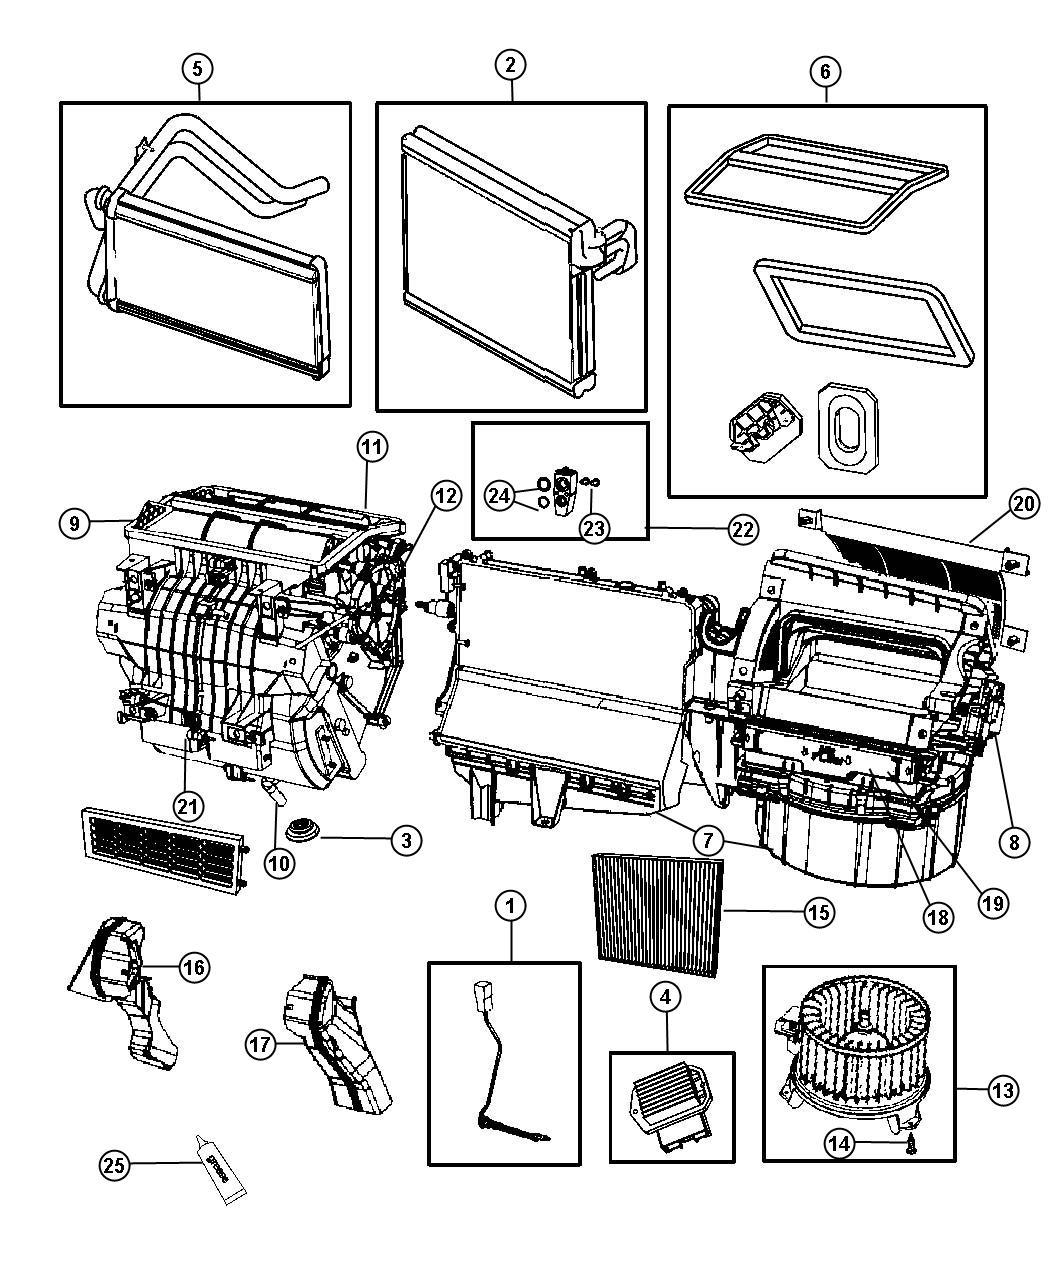 Auto Air Conditioning Diagram